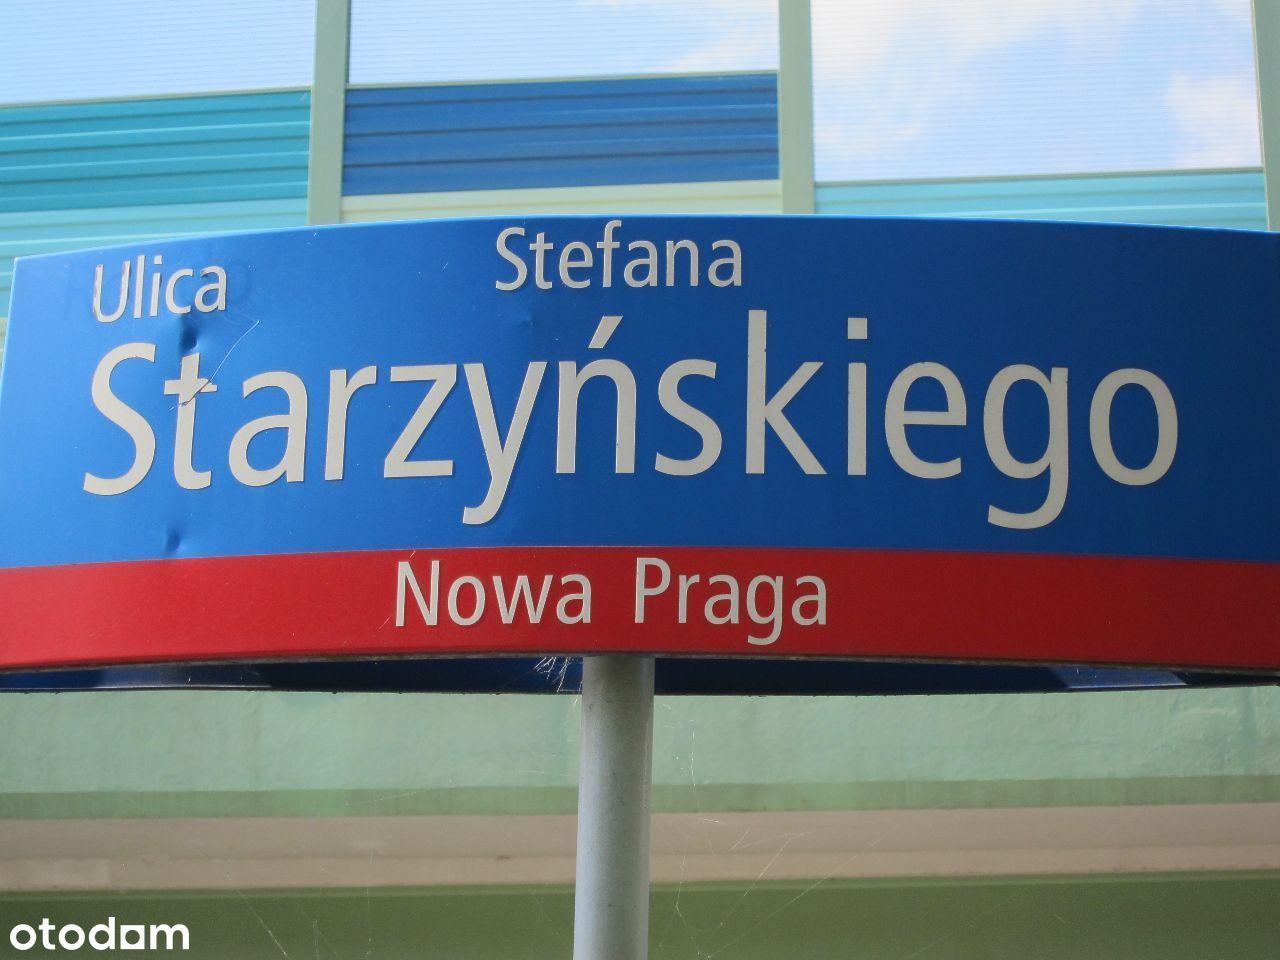 Atrakcyjna Kawalerka przy Rondzie Starzyńskiego!!!